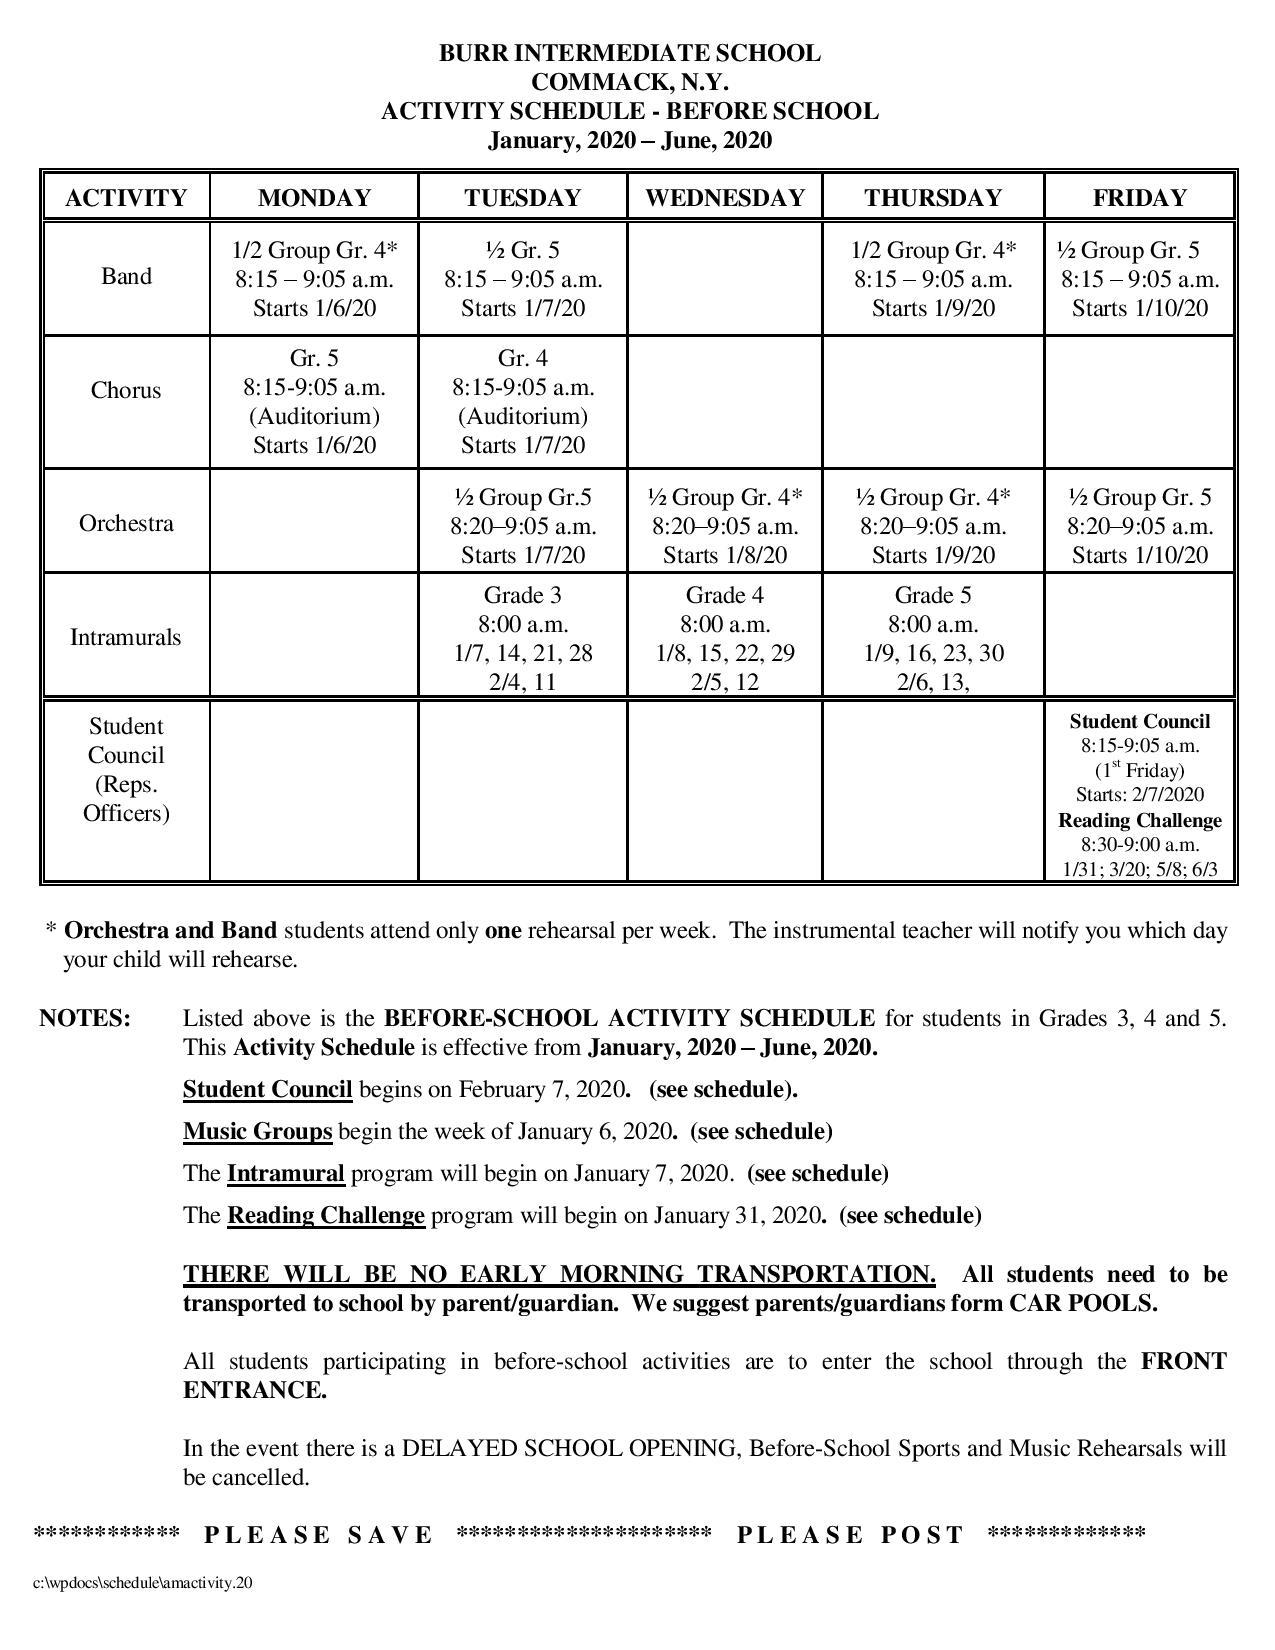 AM Activity Schedule